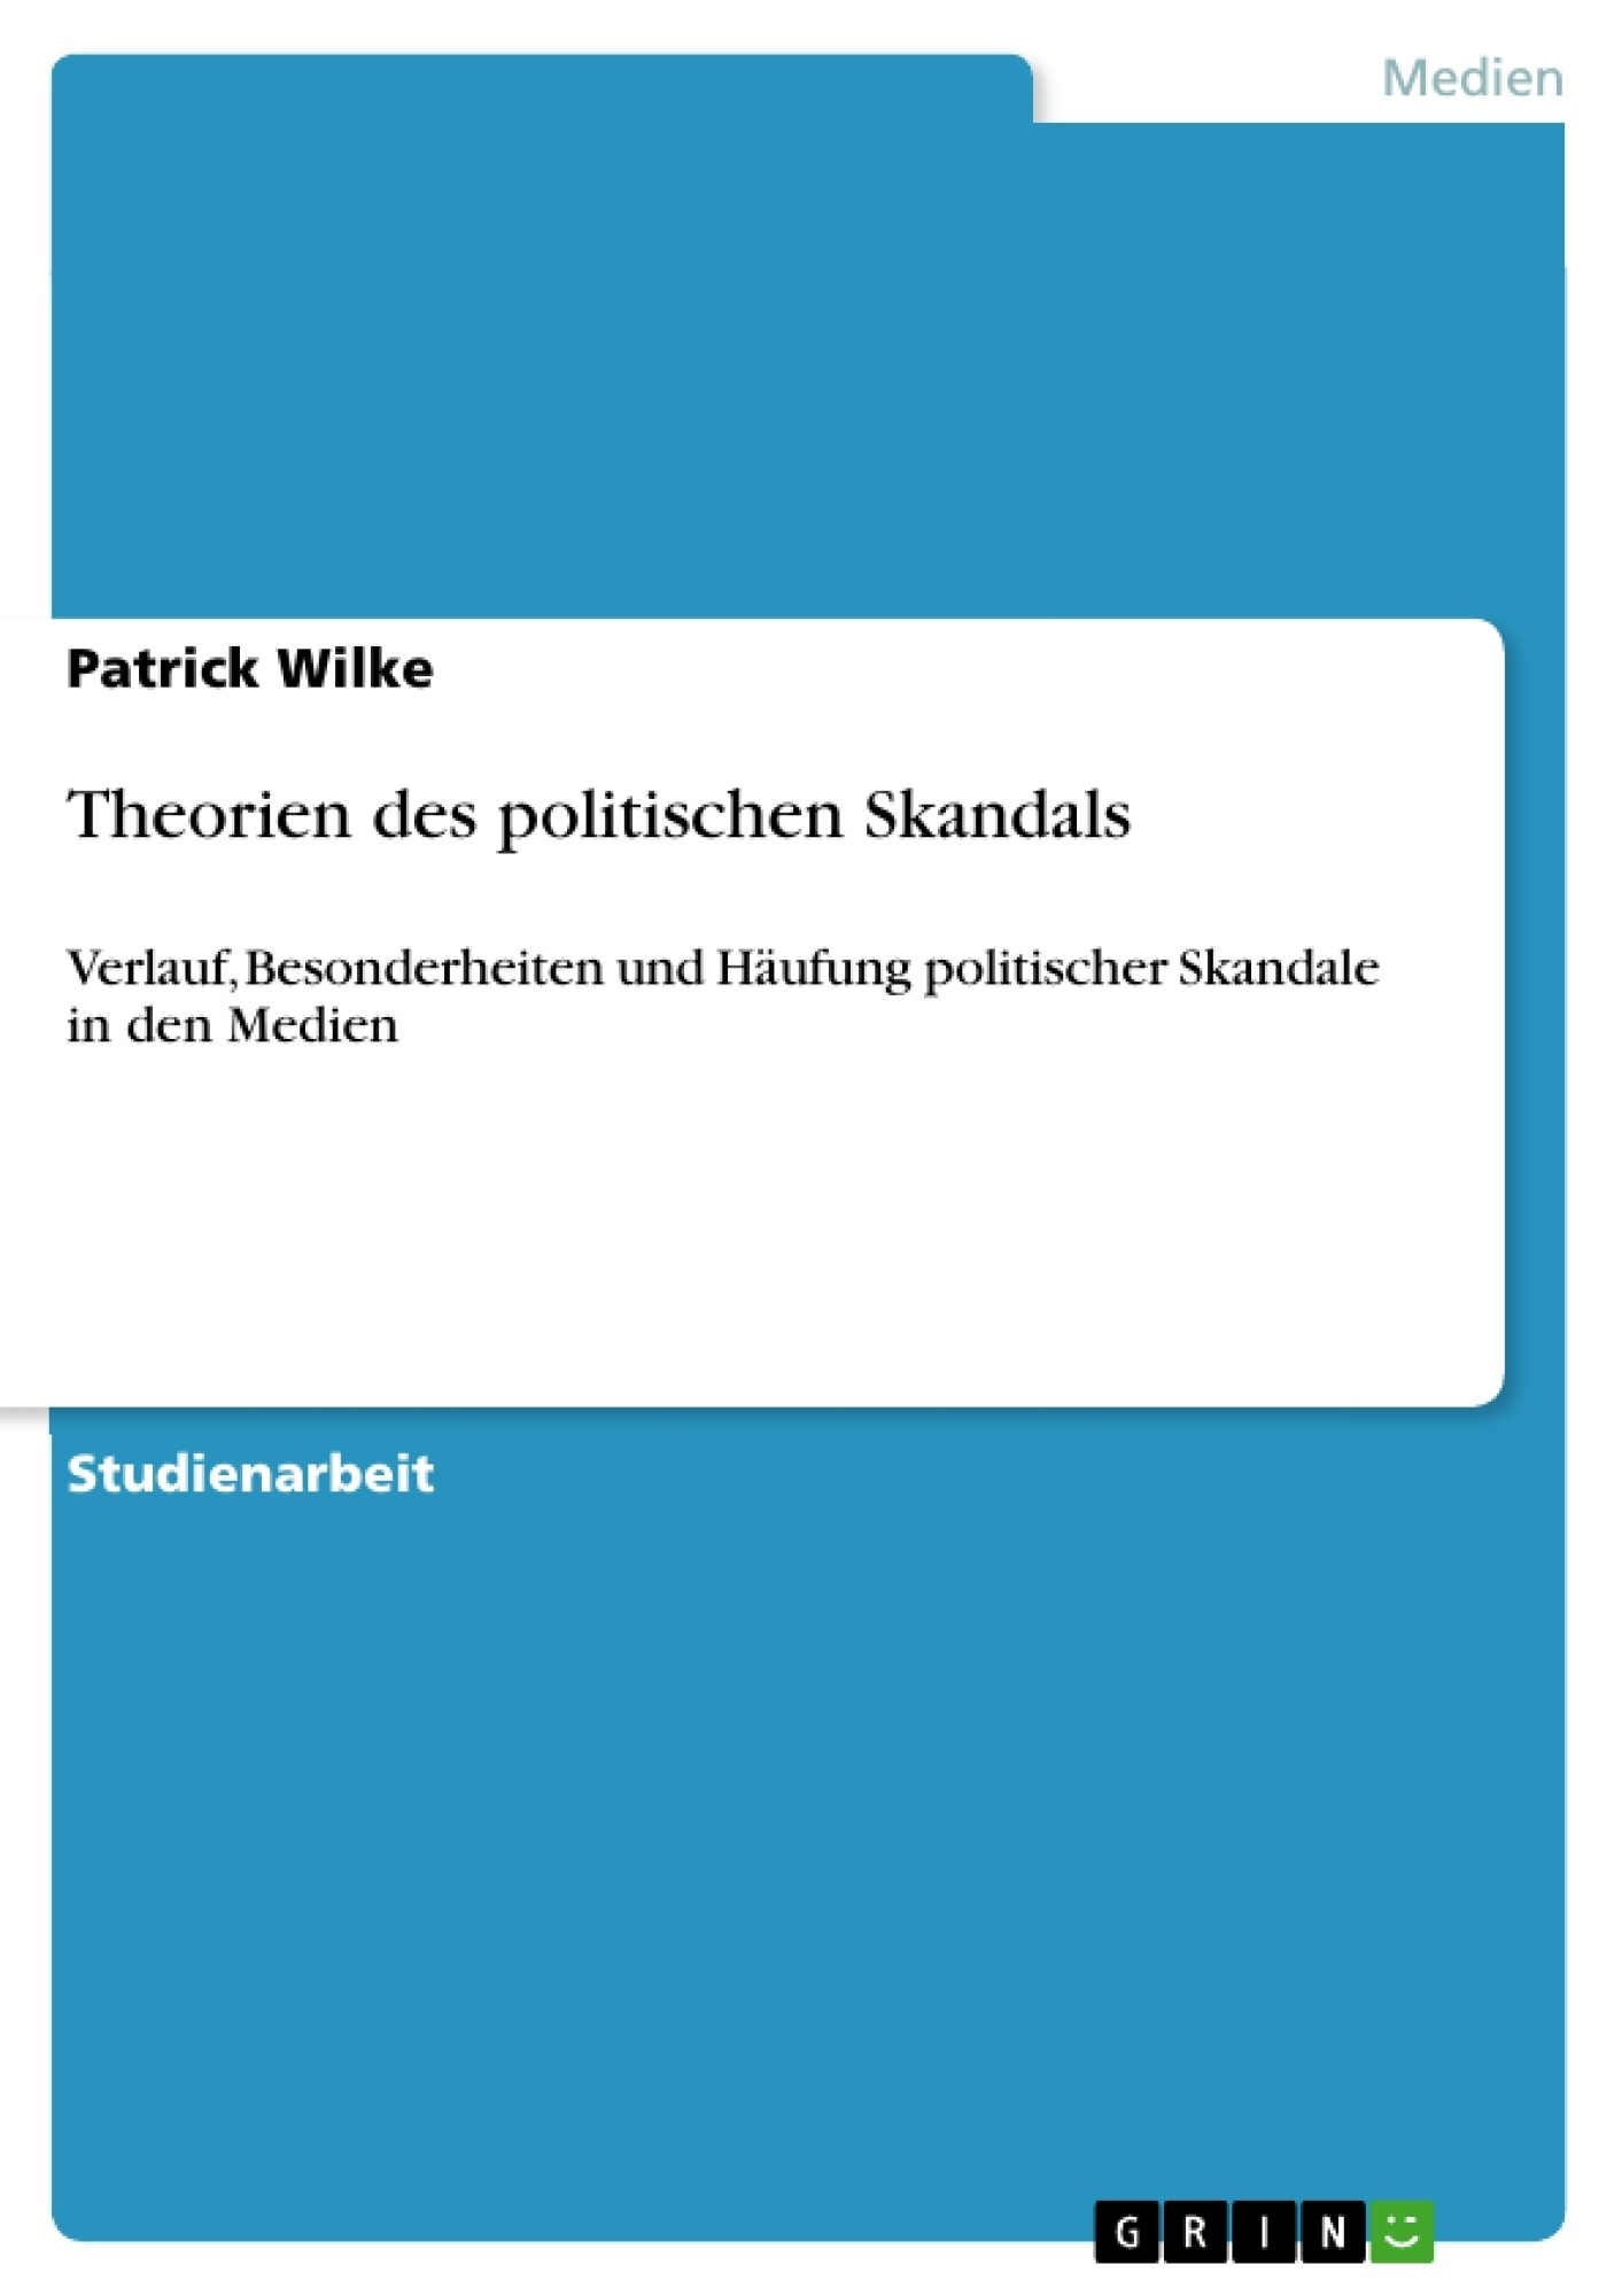 Theorien des politischen Skandals | Masterarbeit, Hausarbeit ...